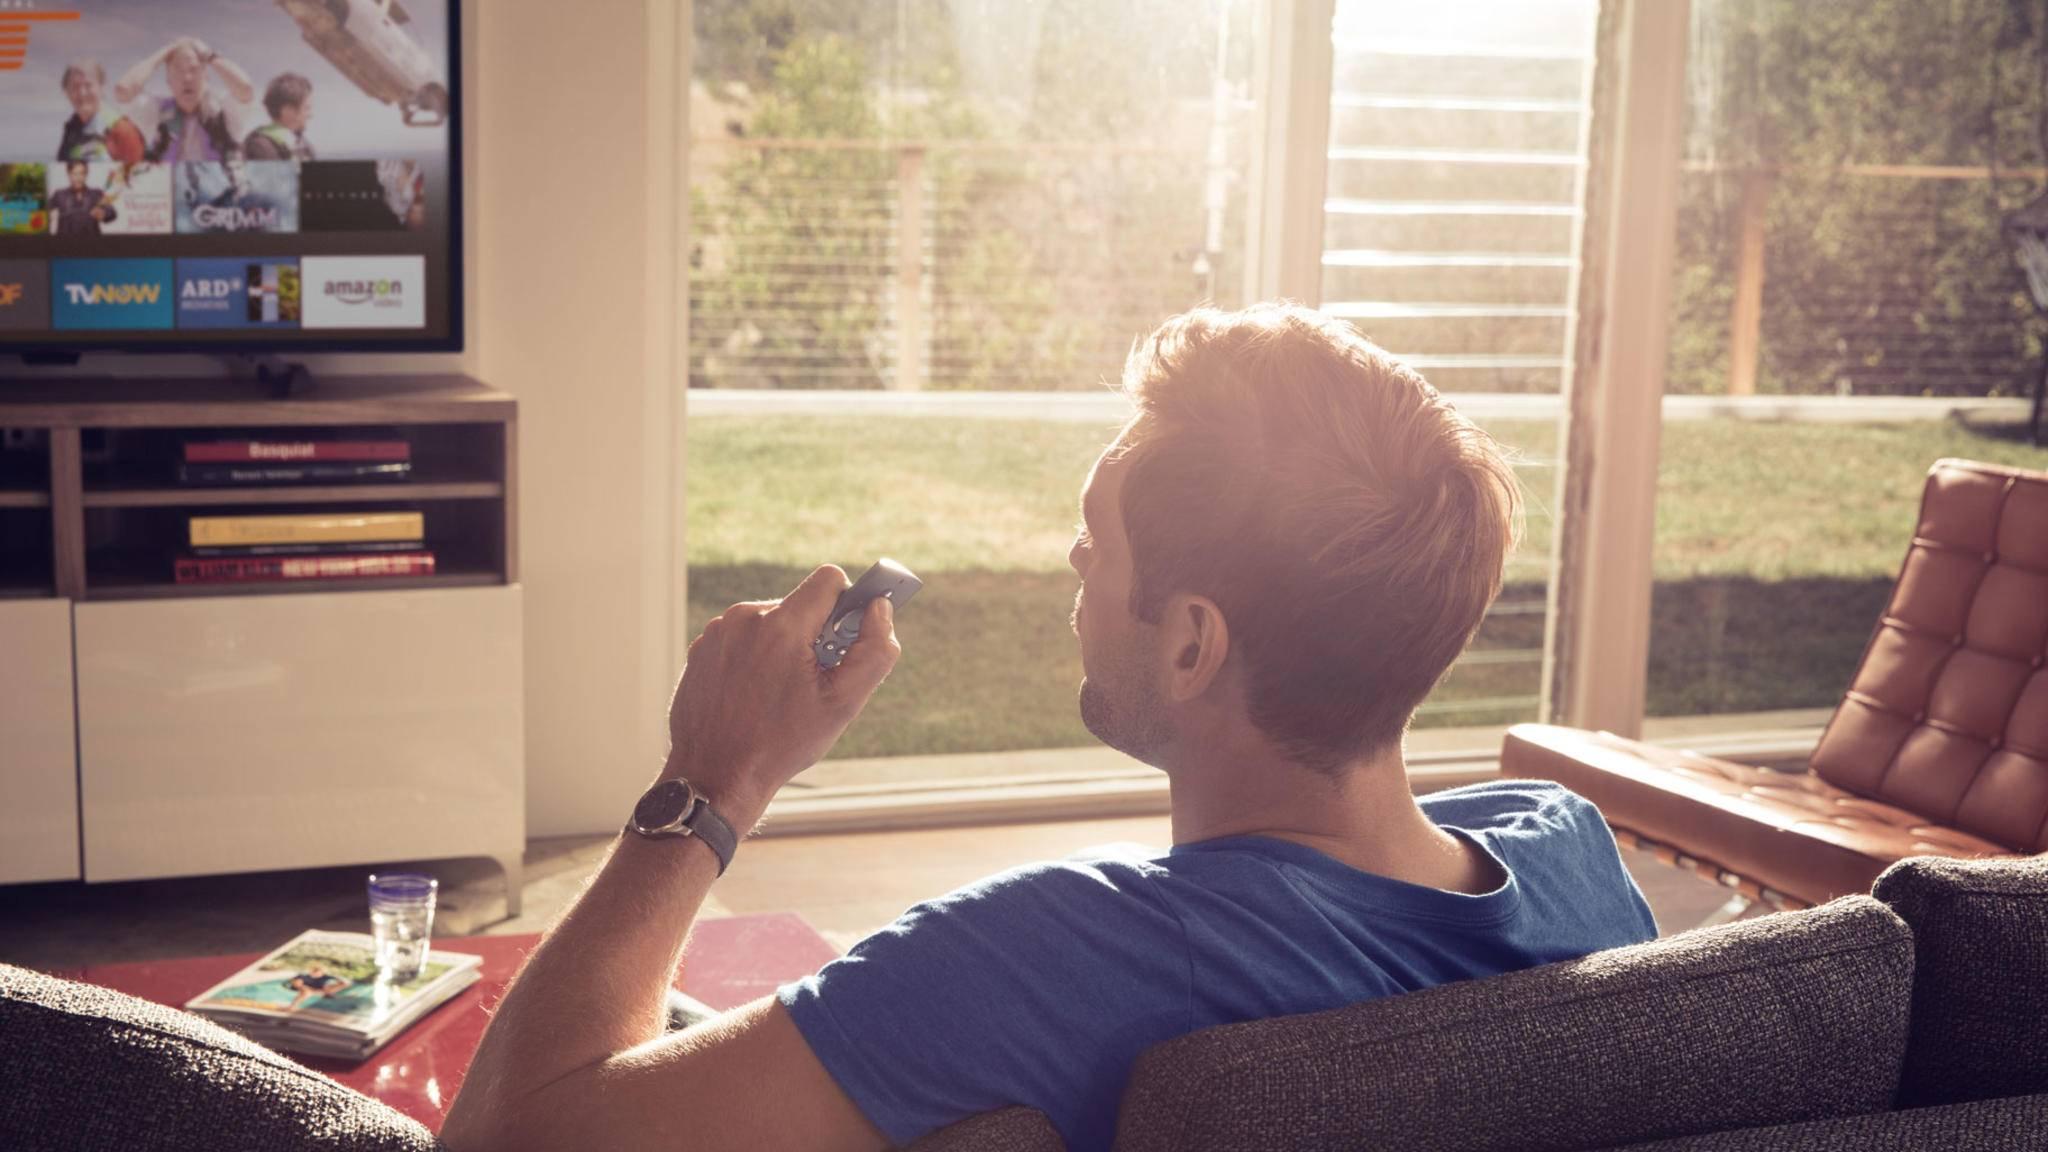 Den Amazon Fire TV Stick kannst Du auch im Ausland nutzen, aber längst nicht immer alle Inhalte.